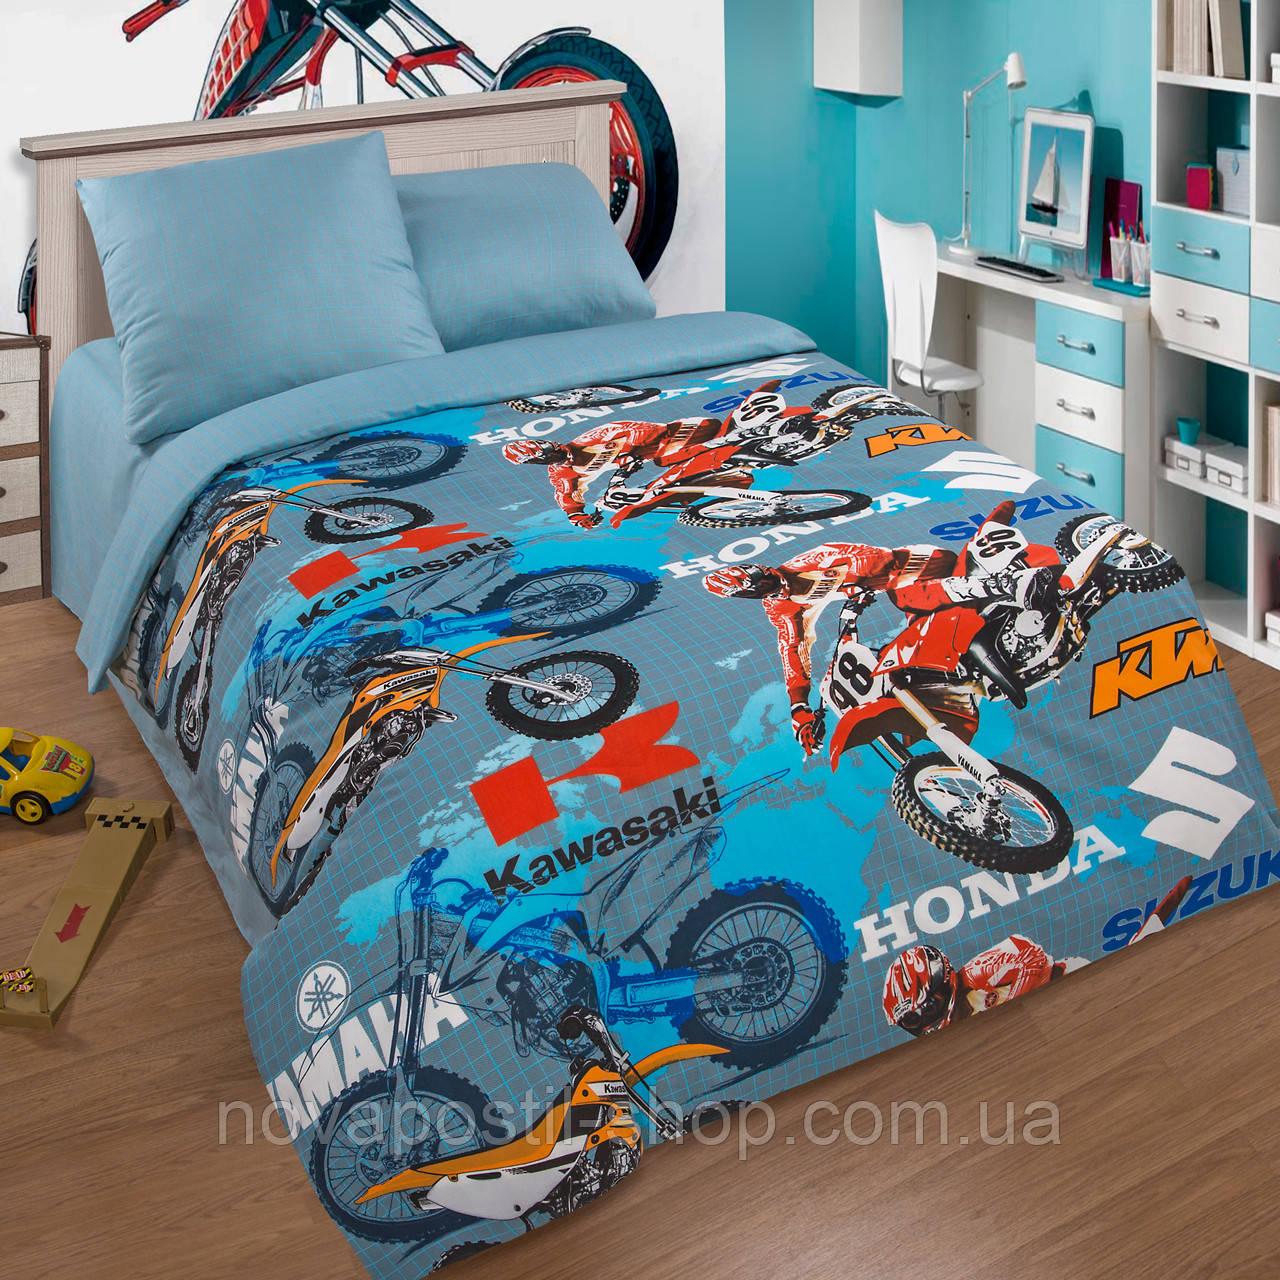 Мотокросс, комплект постельного белья подростковый для мальчиков